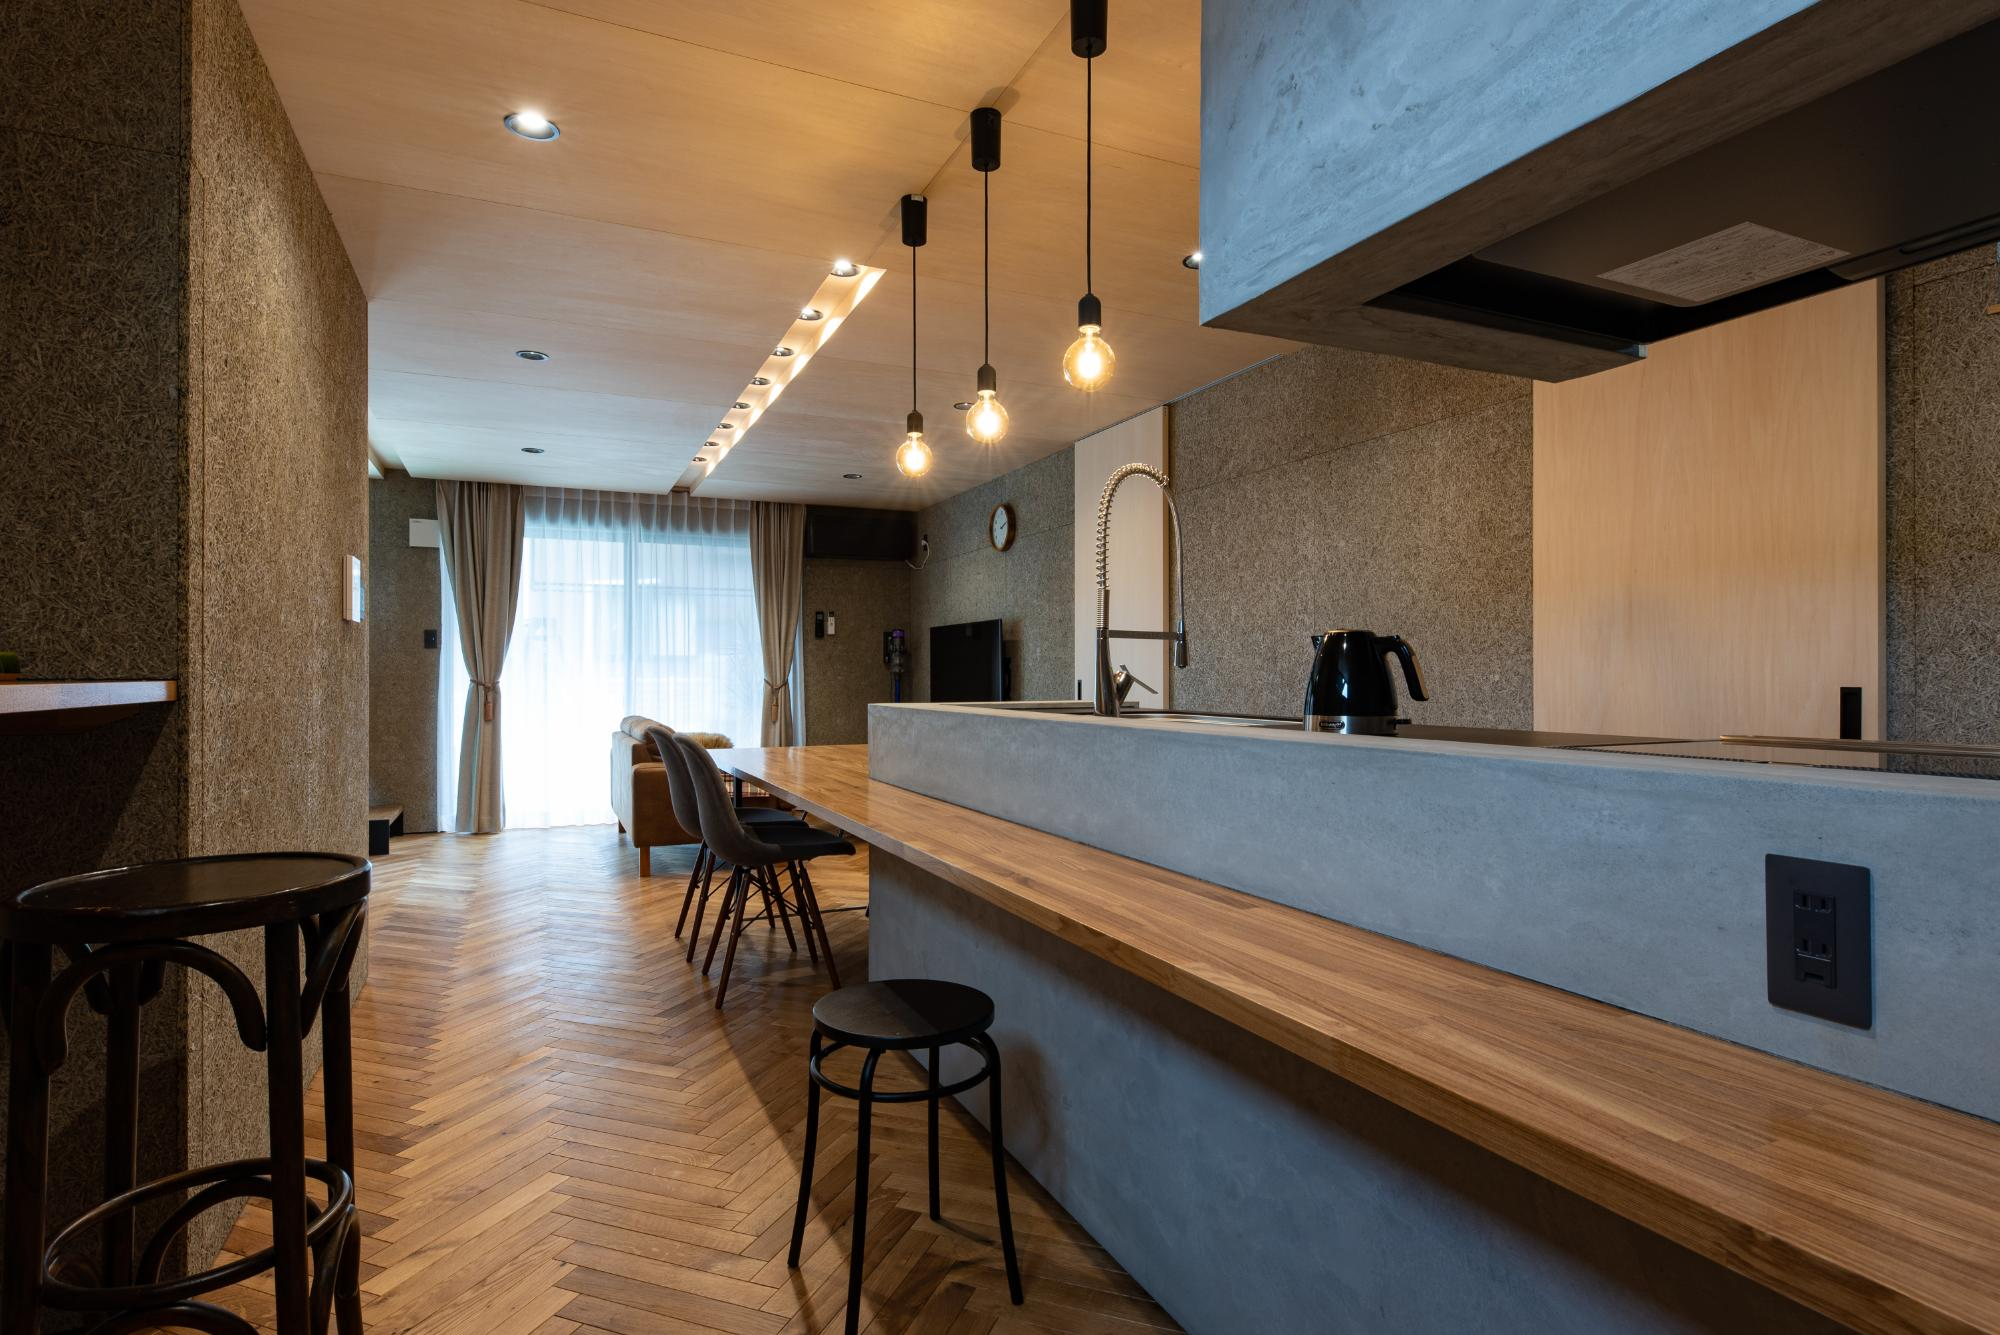 キッチンはクリナップ製CENTRO対面式アイランド型セラミックトップ。キッチン周りはモルタル仕上げにし、ダイニングテーブル及びカウンターをキッチンと一体化するように造作。